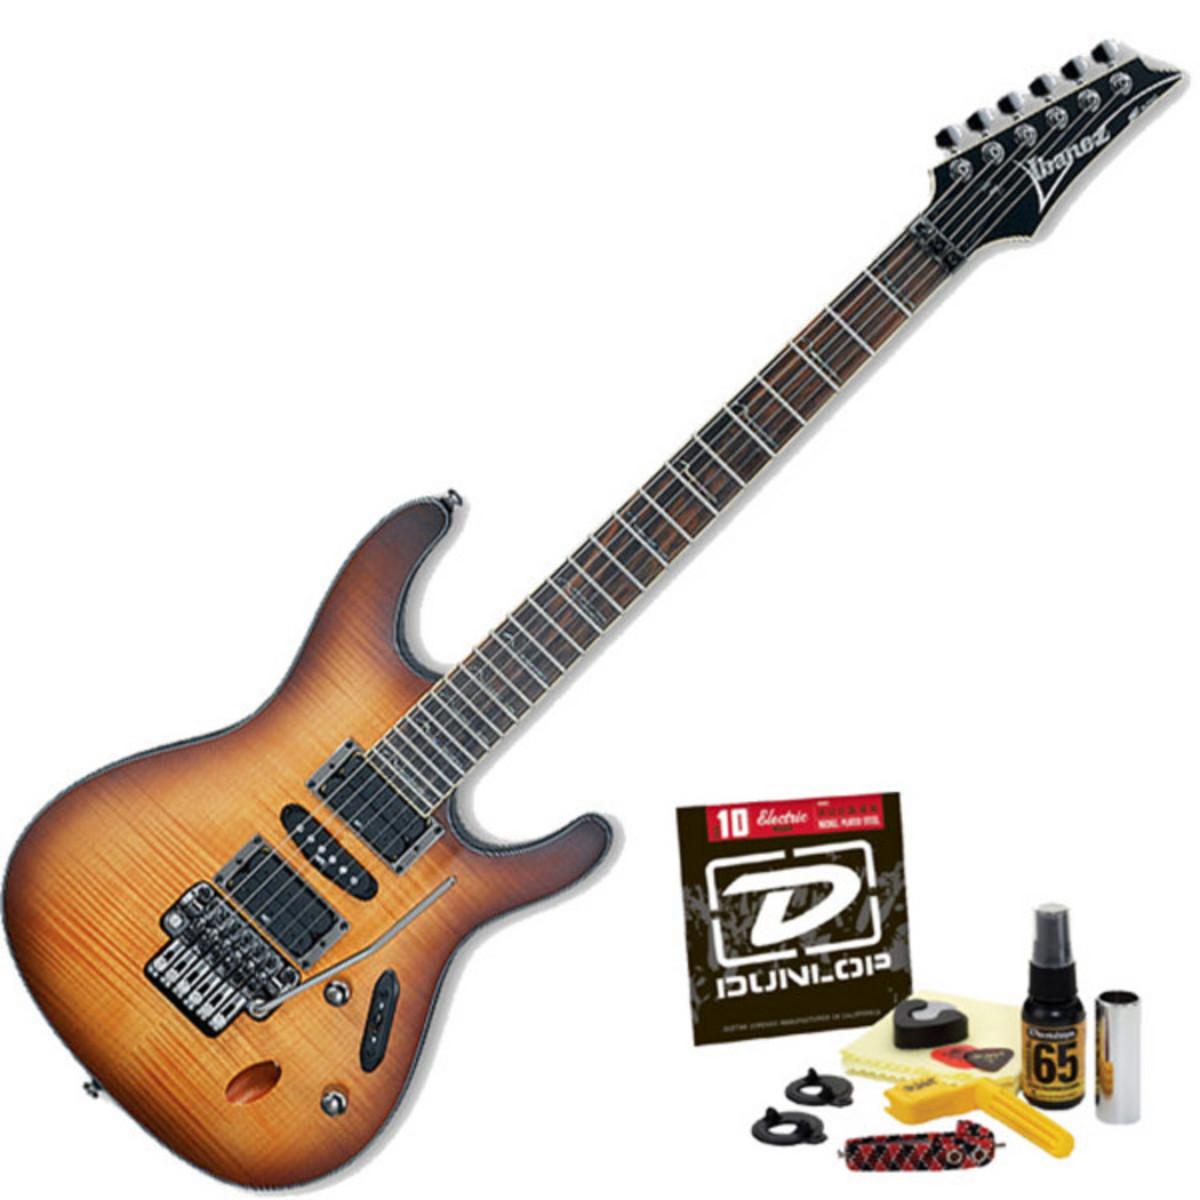 guitare lectrique discibanez s770fm plat antique. Black Bedroom Furniture Sets. Home Design Ideas